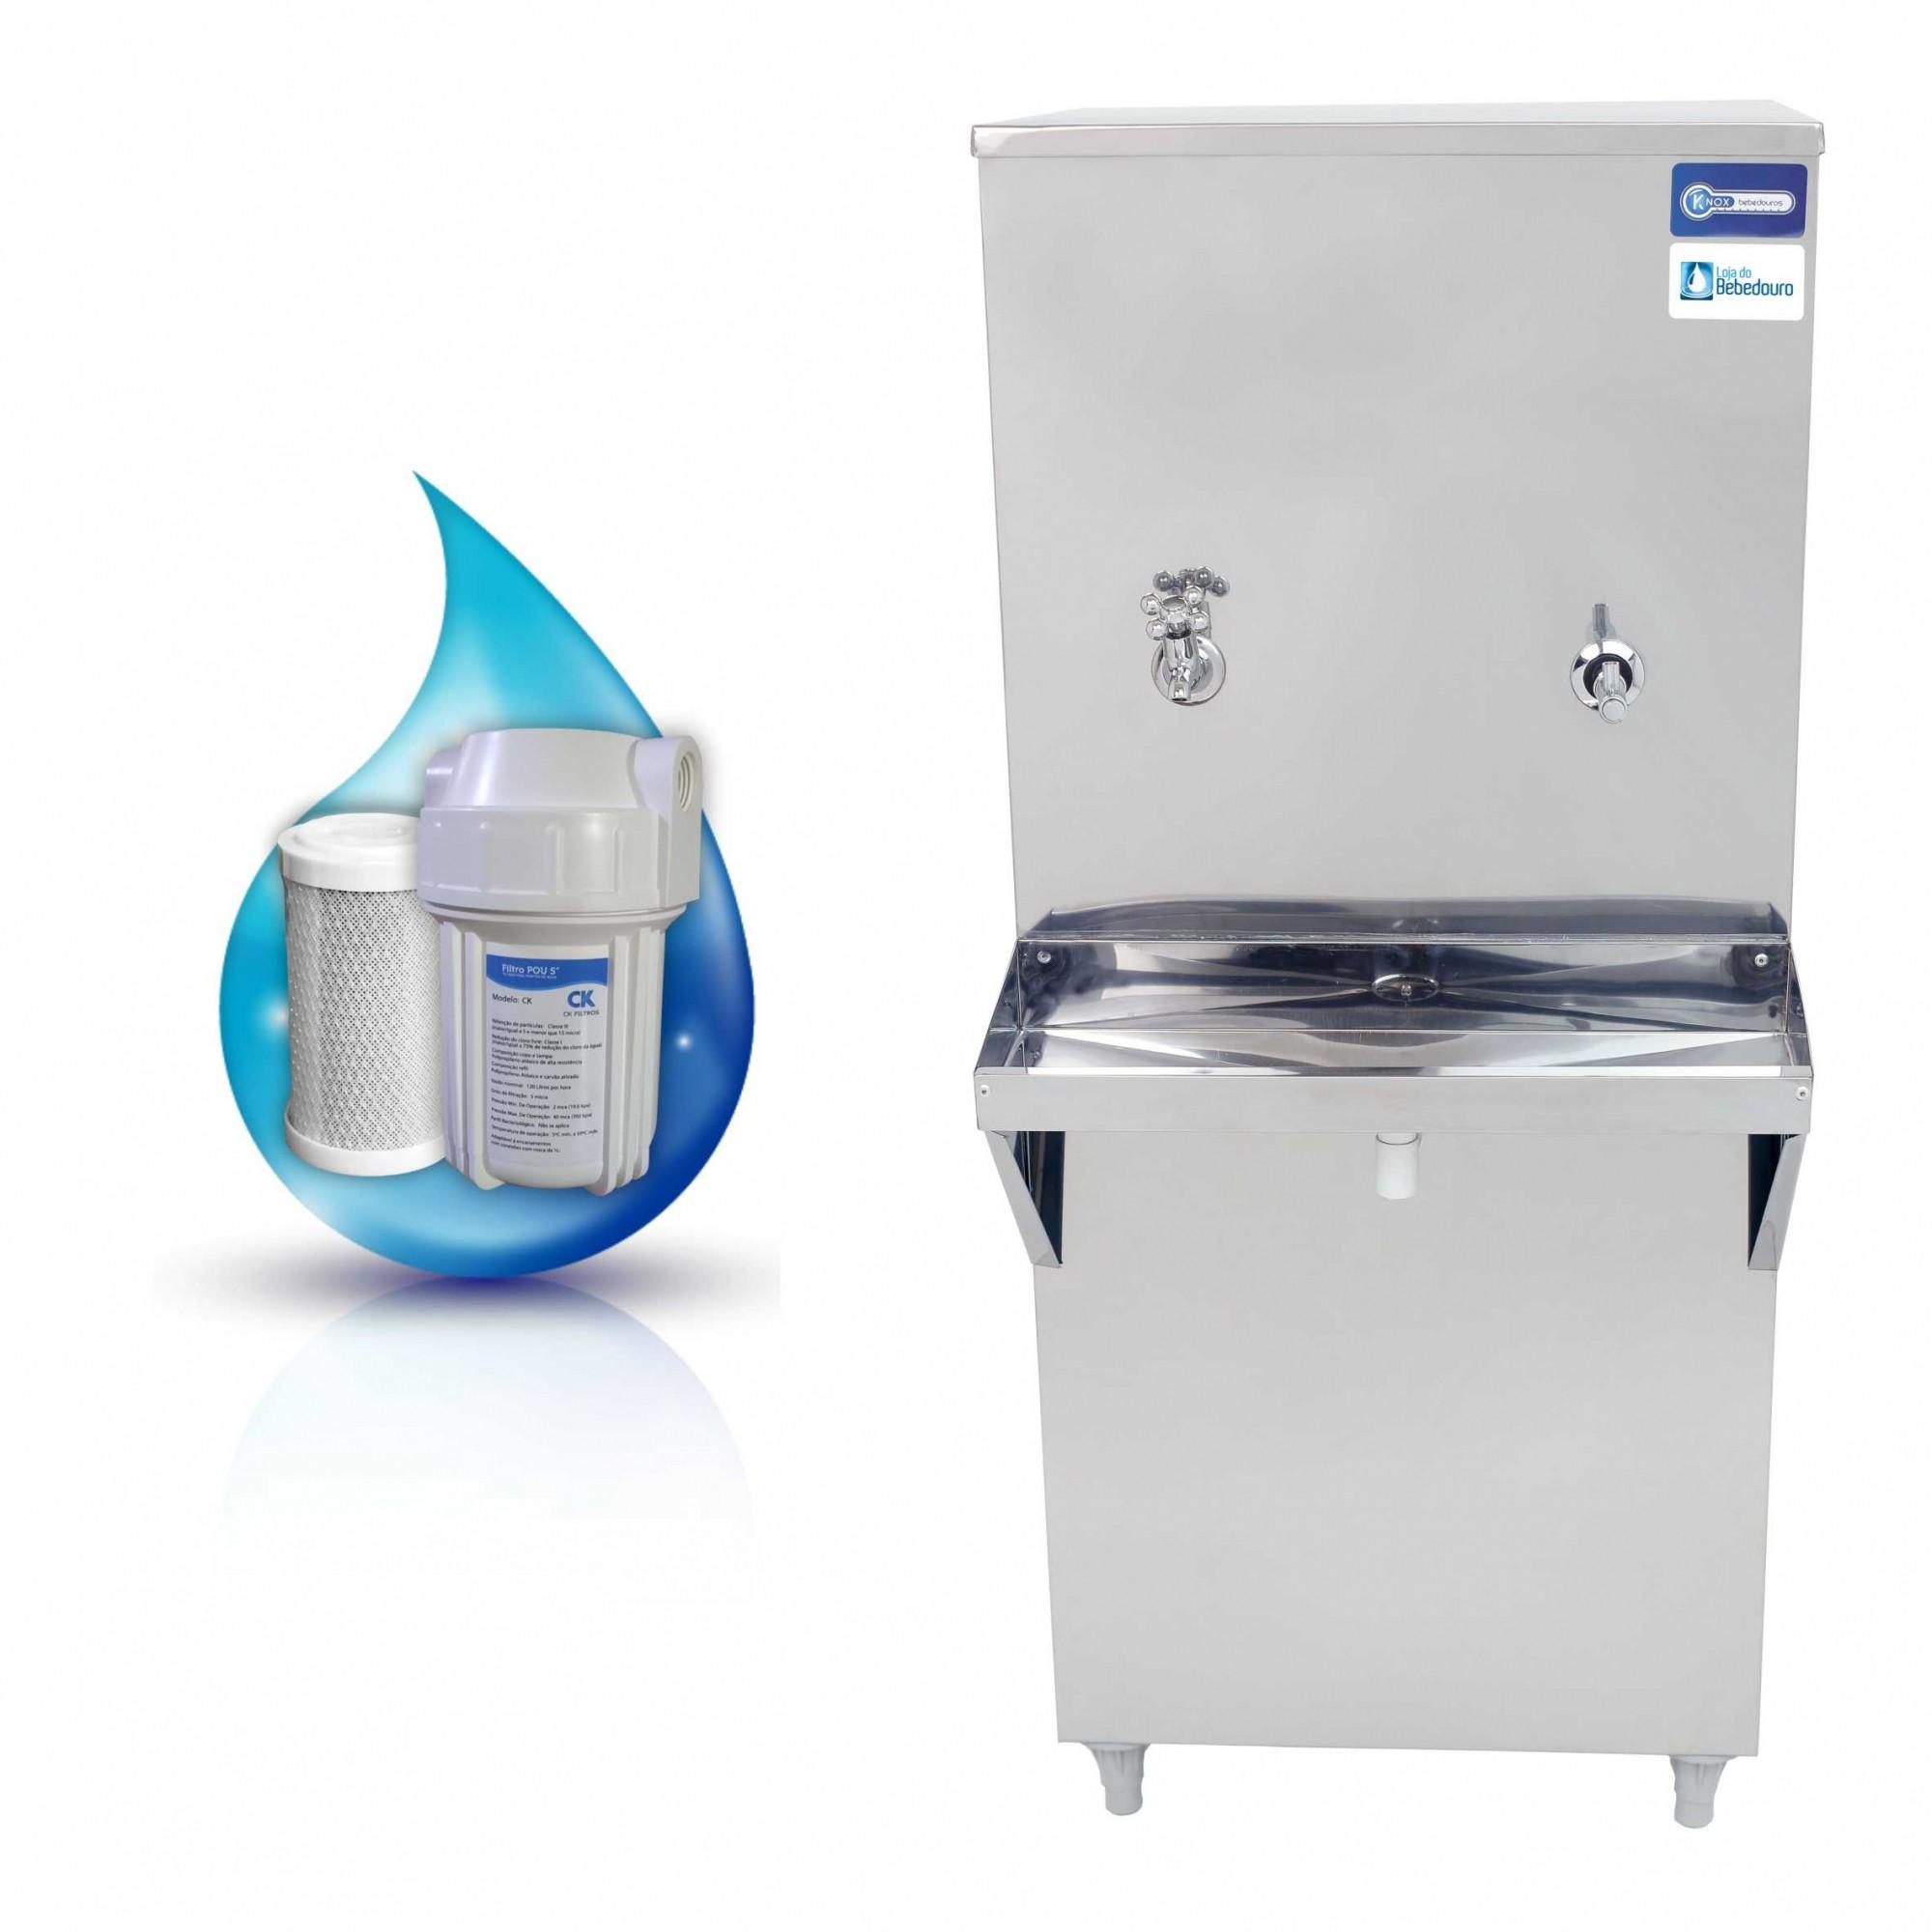 Bebedouro de Água Industrial 50 Litros de Coluna Knox Bebedouros + Filtro